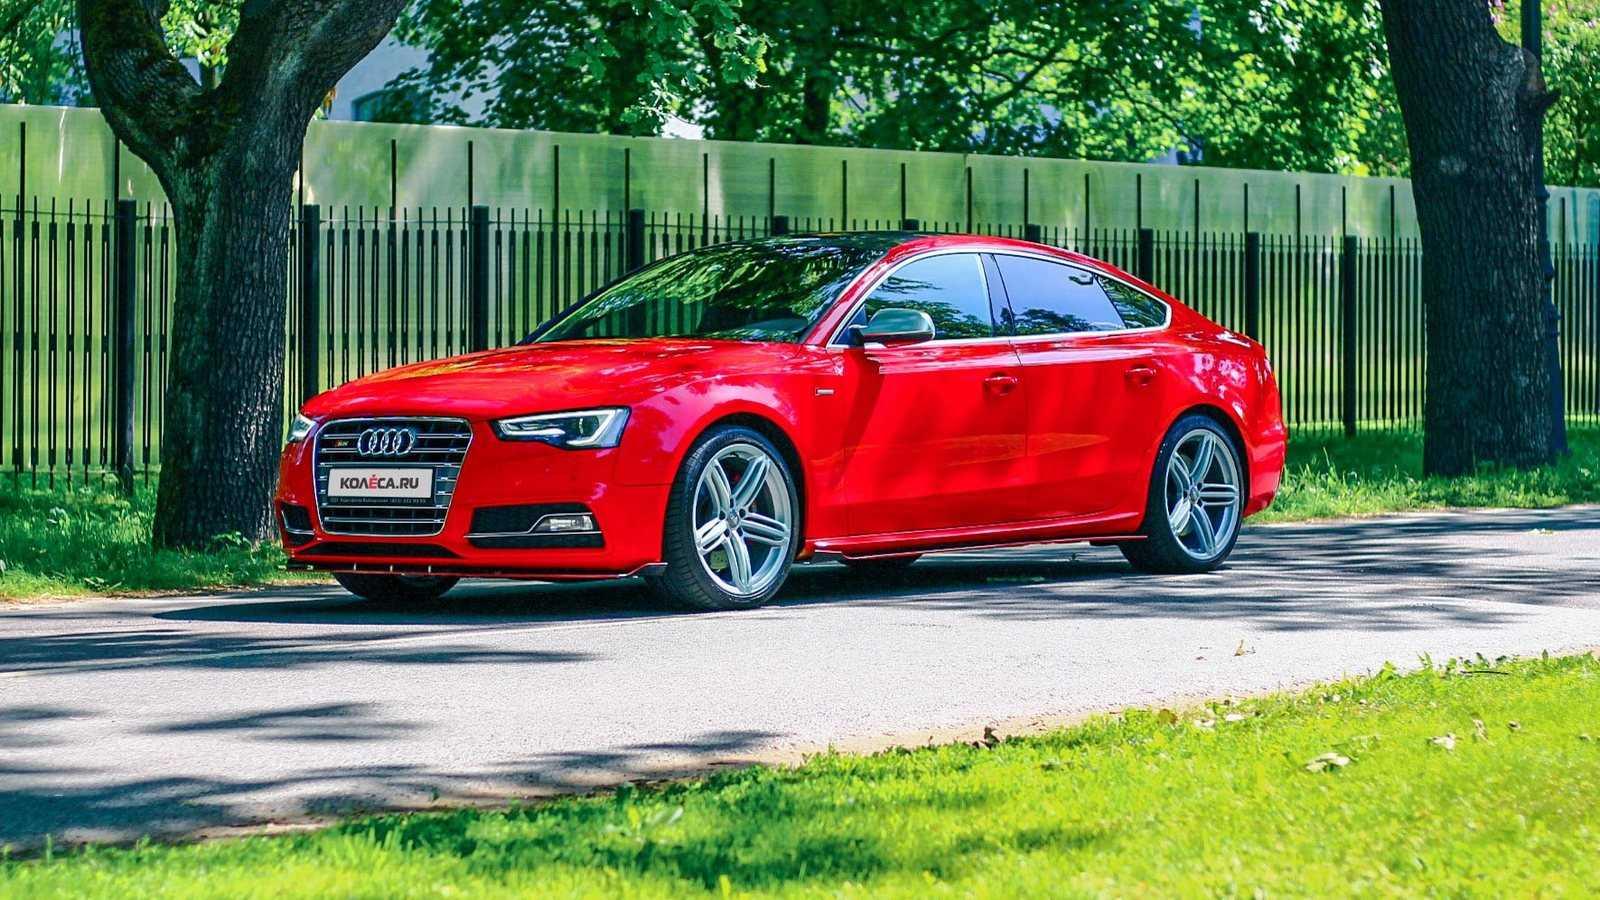 Audi a5 рестайлинг 2011, лифтбек, 1 поколение, 8t (07.2011 - 11.2016) - технические характеристики и комплектации